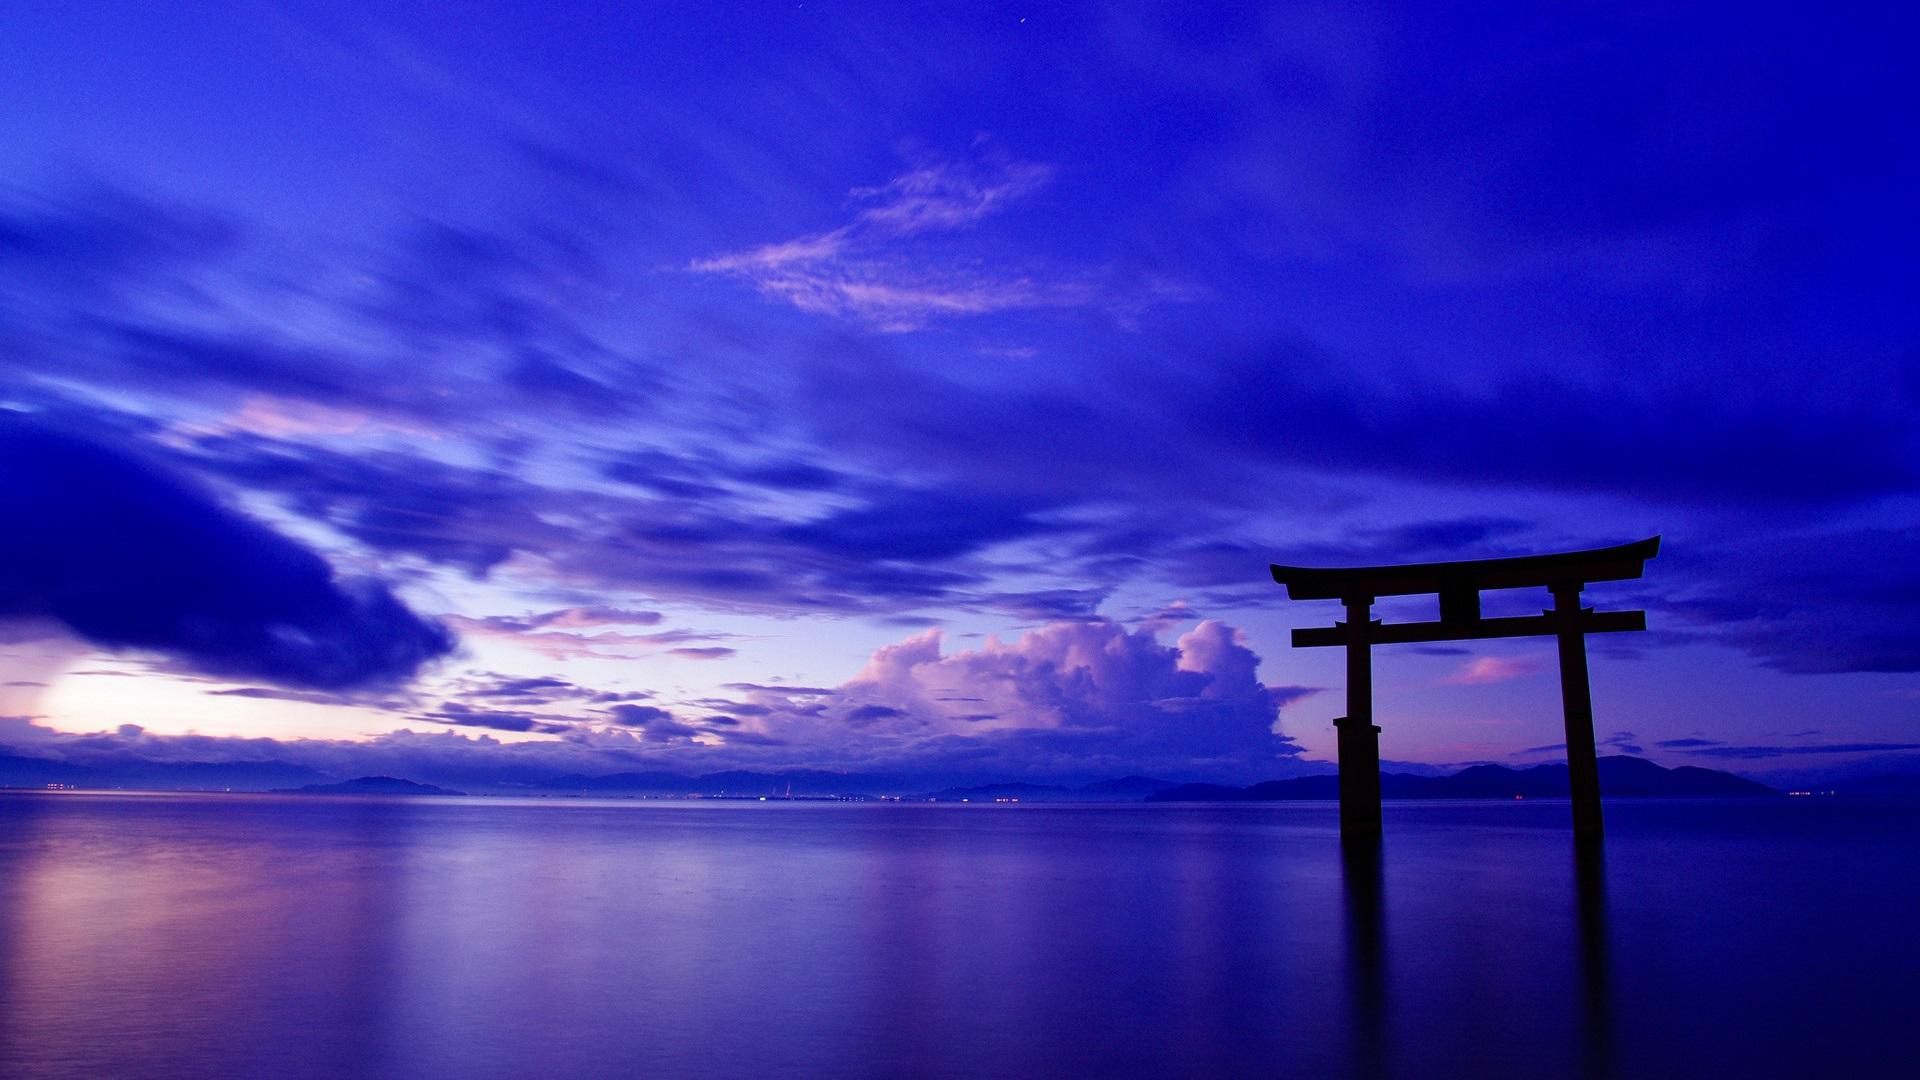 壁紙 日本 海 空 雲 門 鳥居 夕暮れ 19x10 Hd 無料のデスクトップの背景 画像